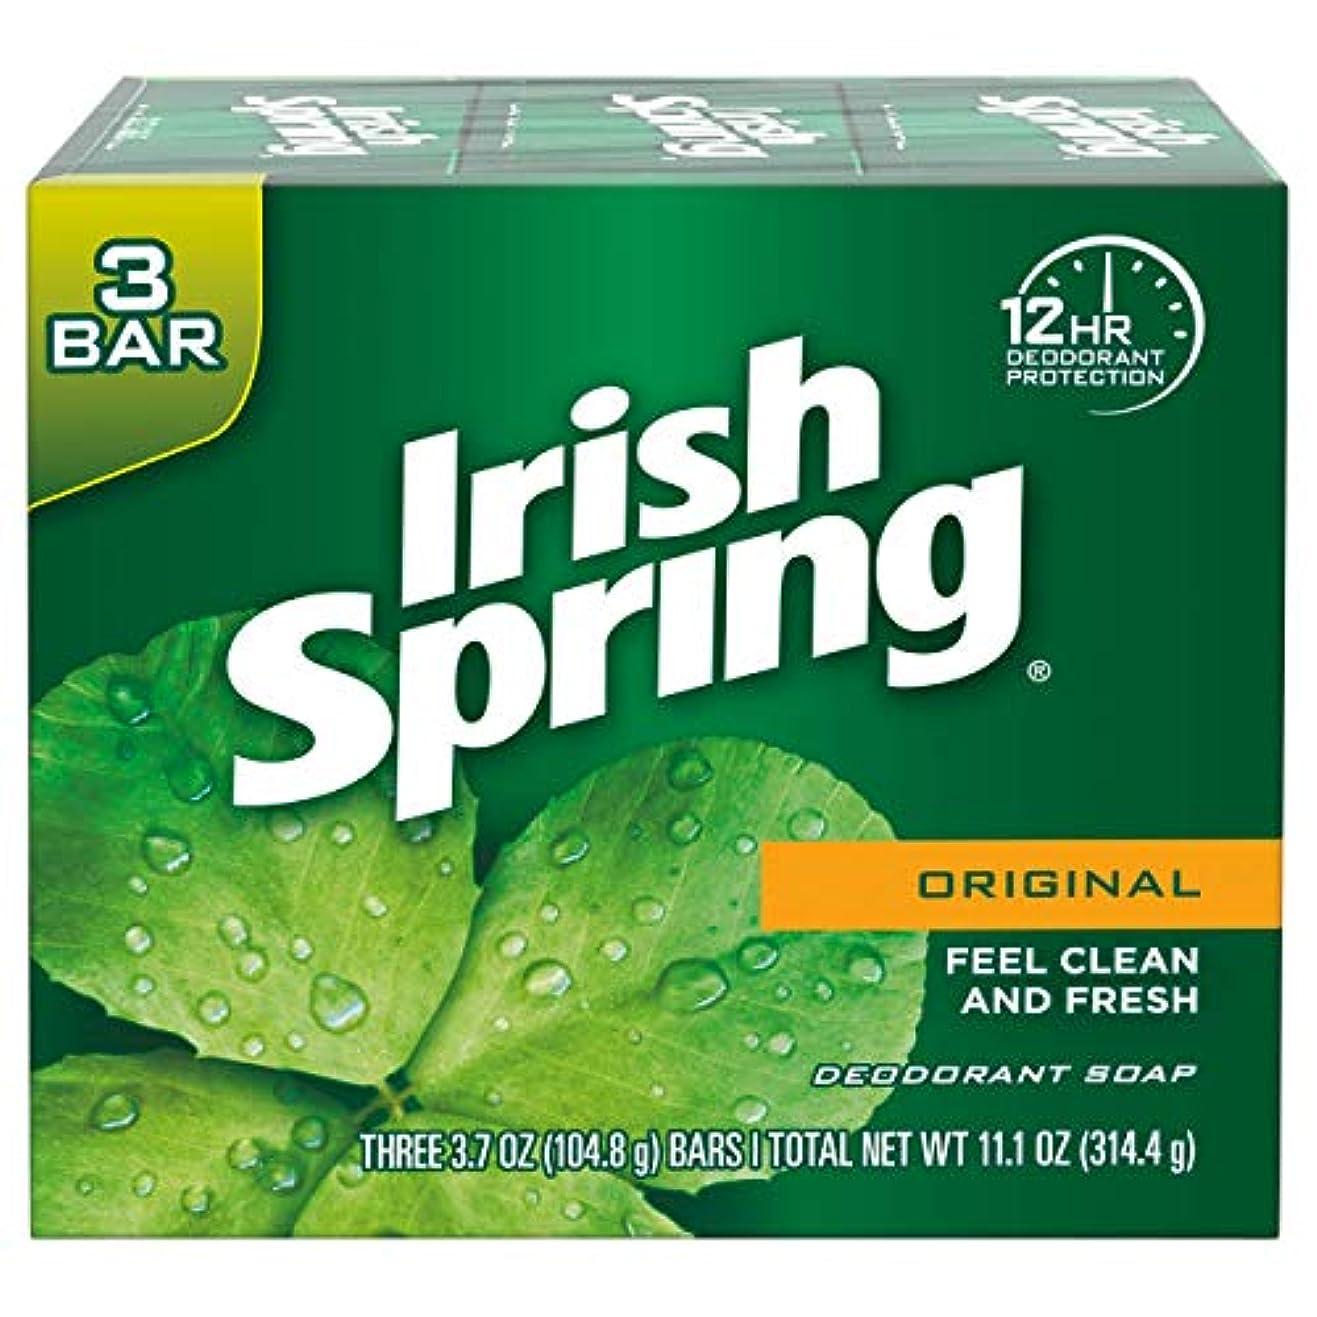 を除く気がついて賛美歌Irish Spring(アイリッシュスプリング)デオドラントソープ 106.3g(3個パック)